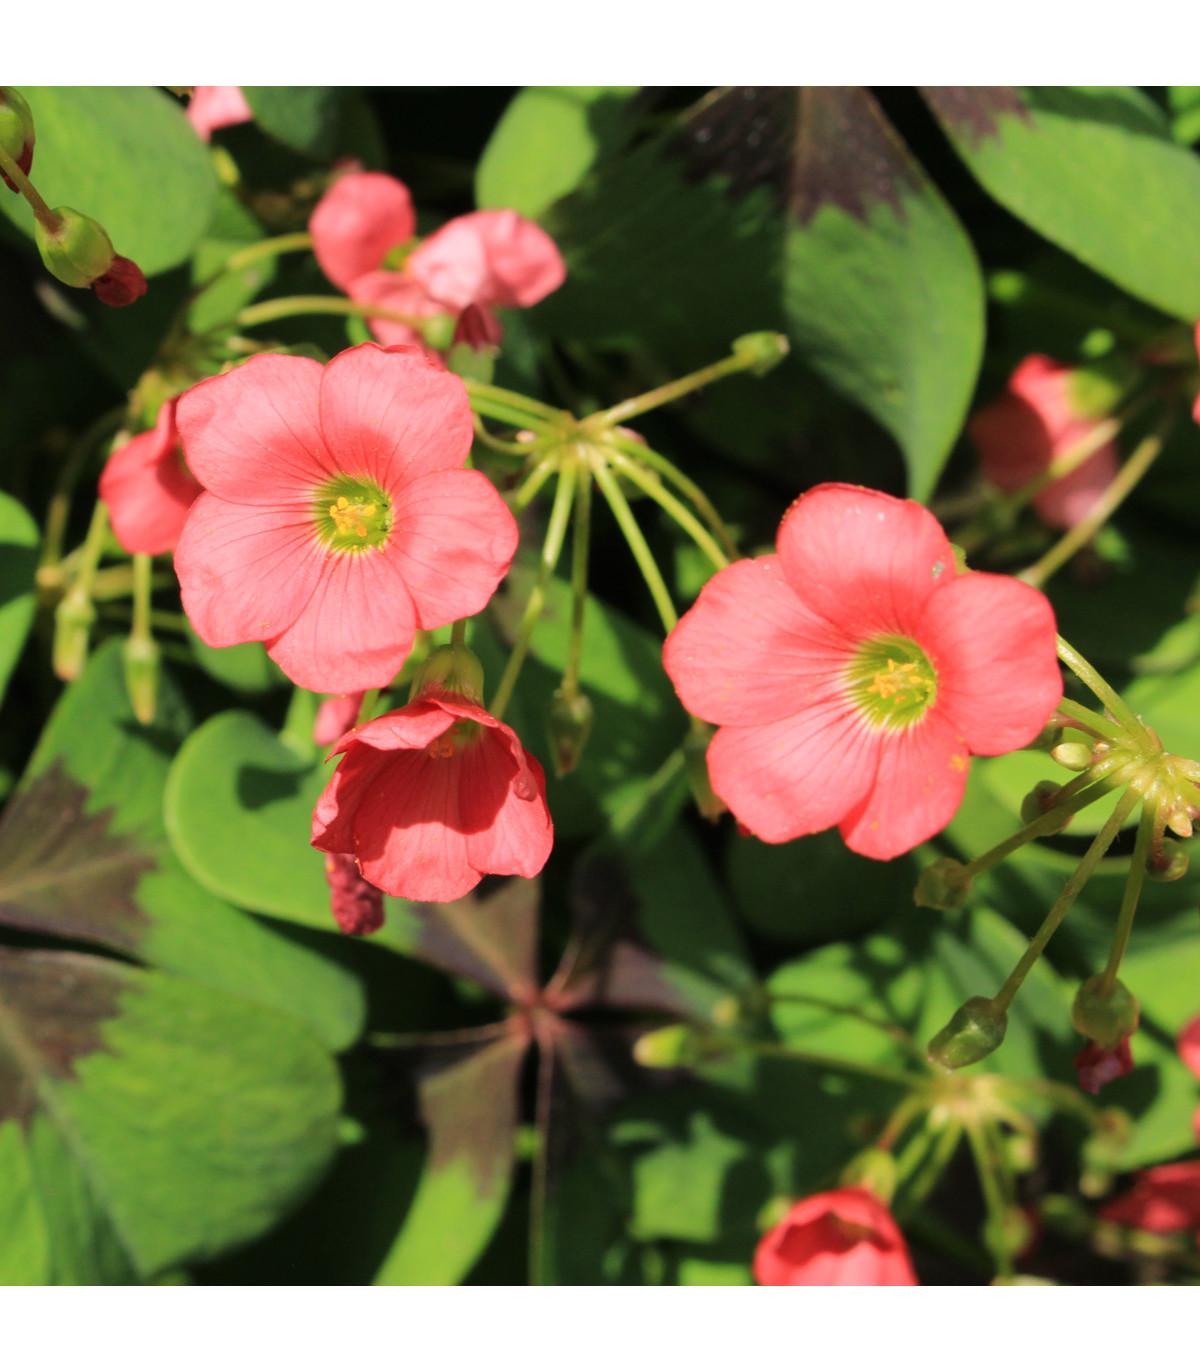 Čtyřlístek pro štěstí - Šťavel růžový - Oxalis deppei - hlízy šťavele - 3 ks